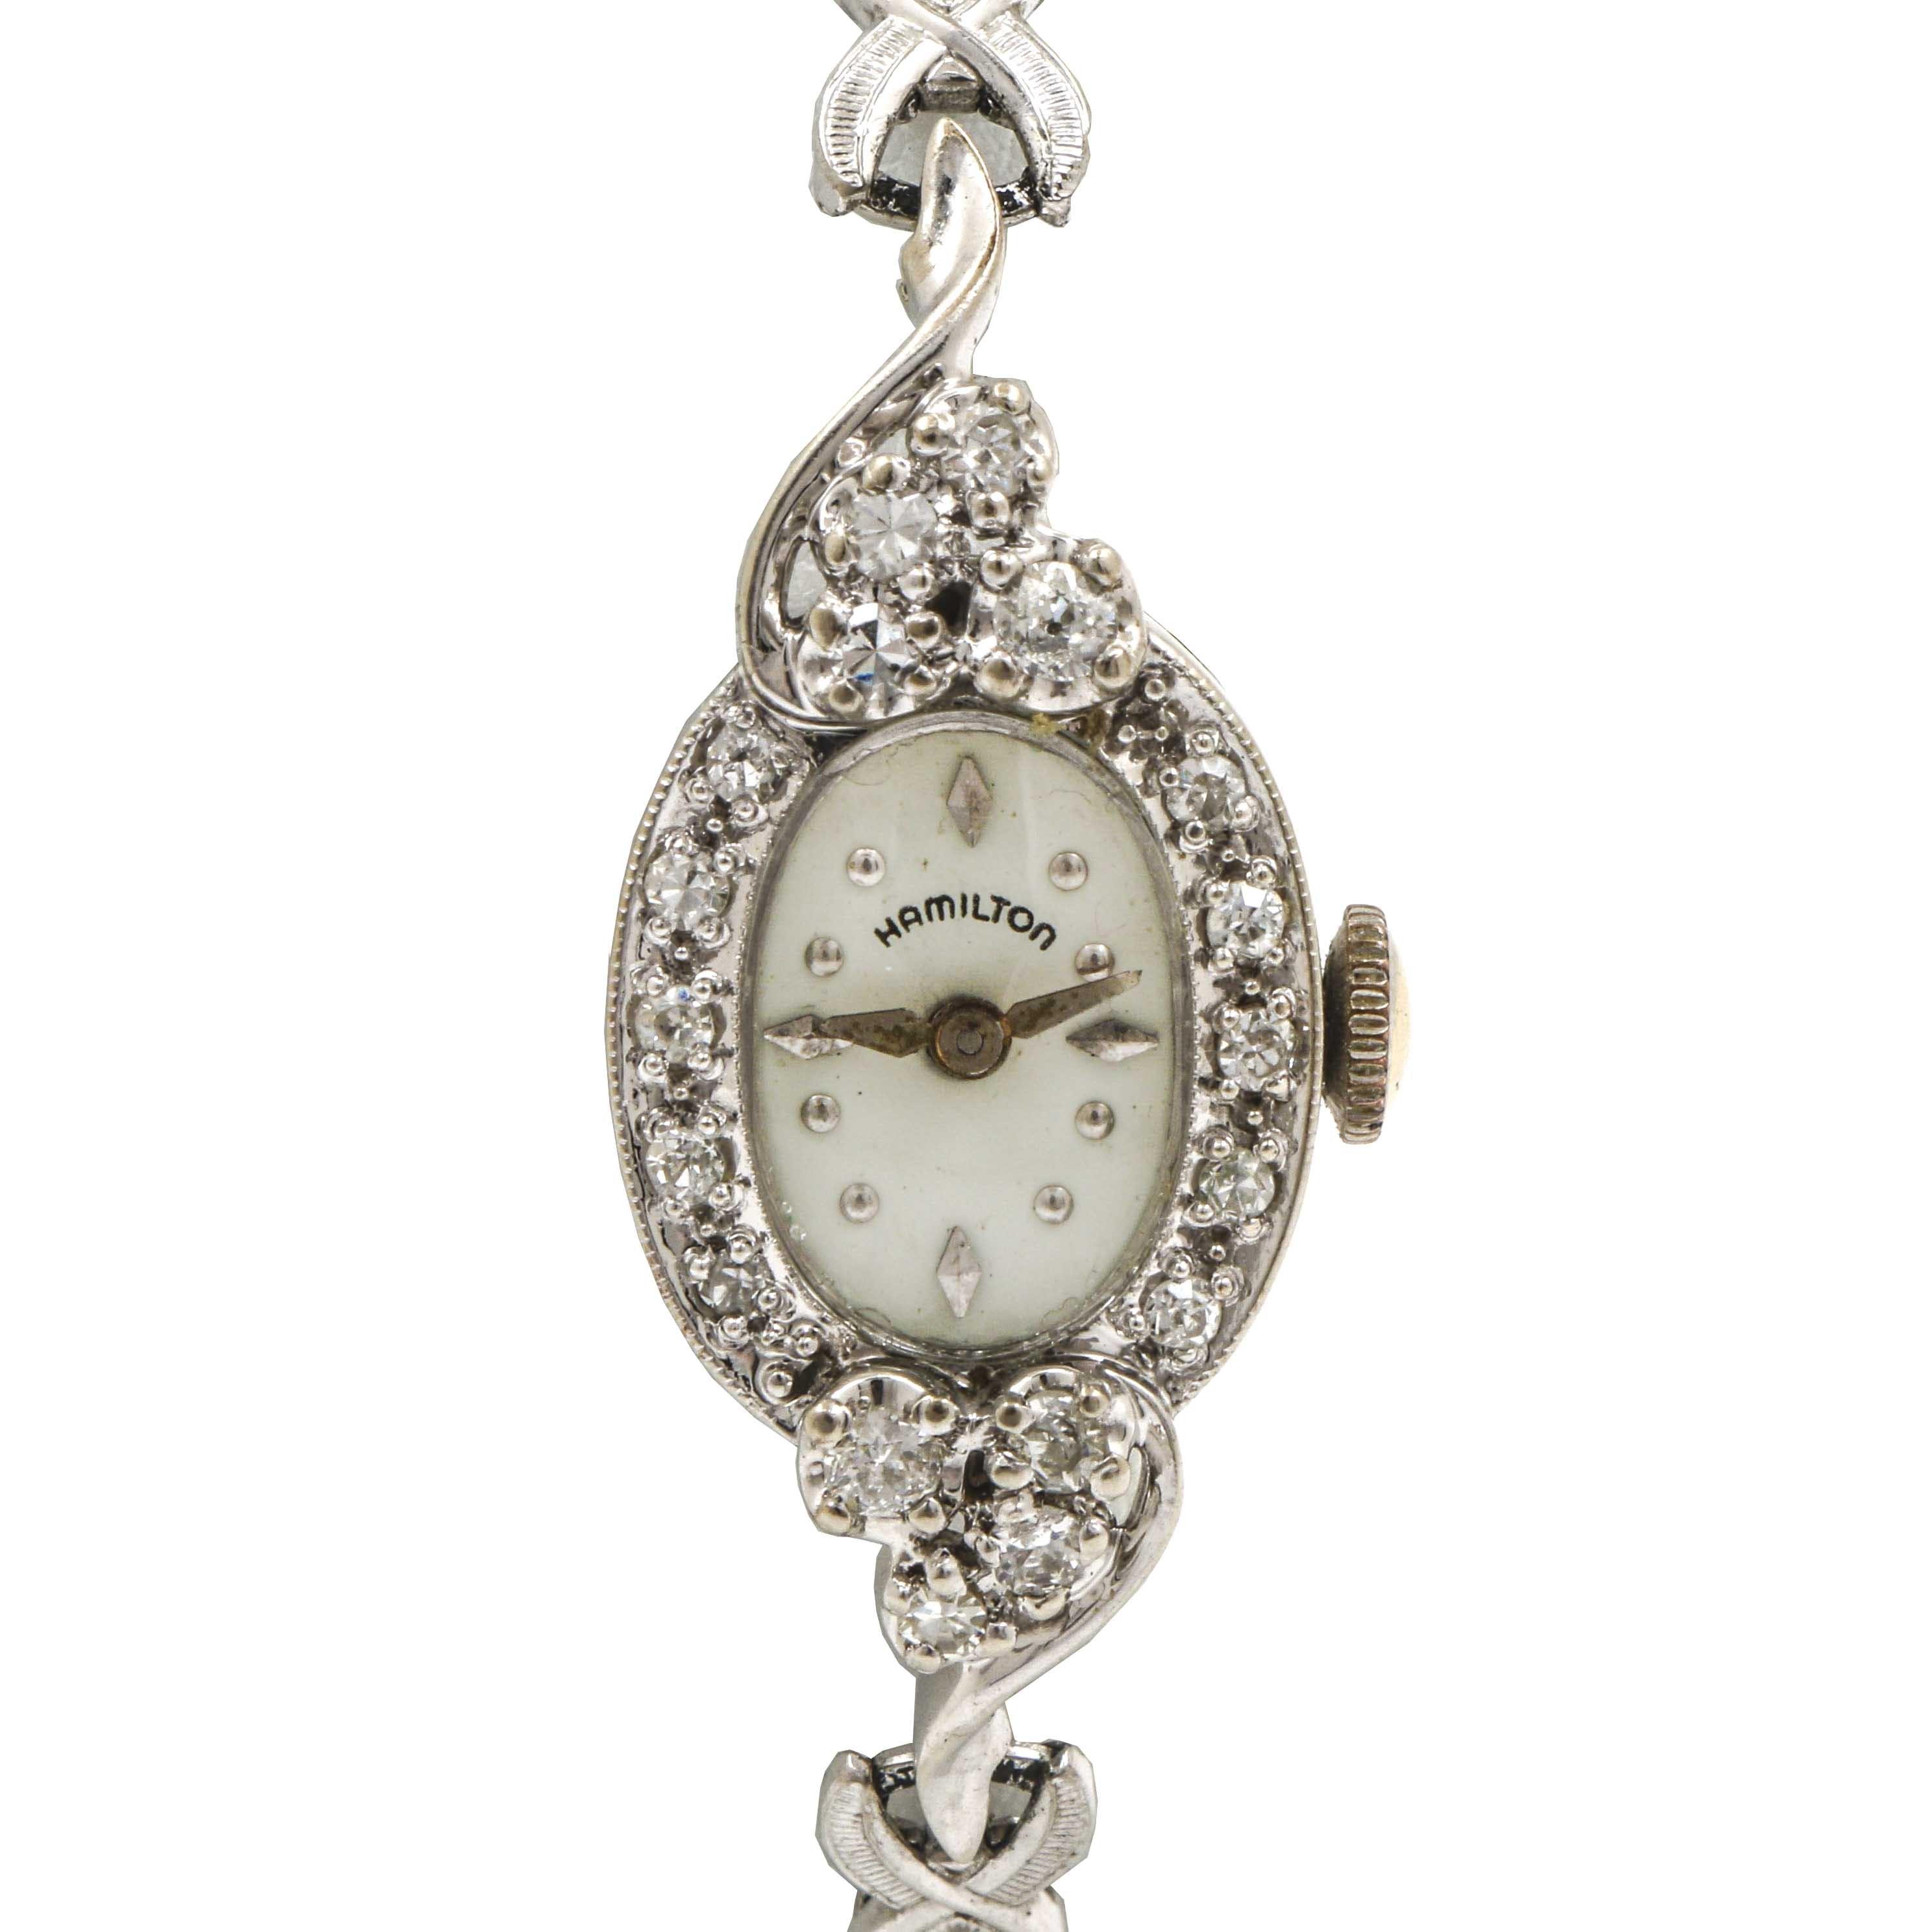 Hamilton 14K White Gold Diamond Wristwatch